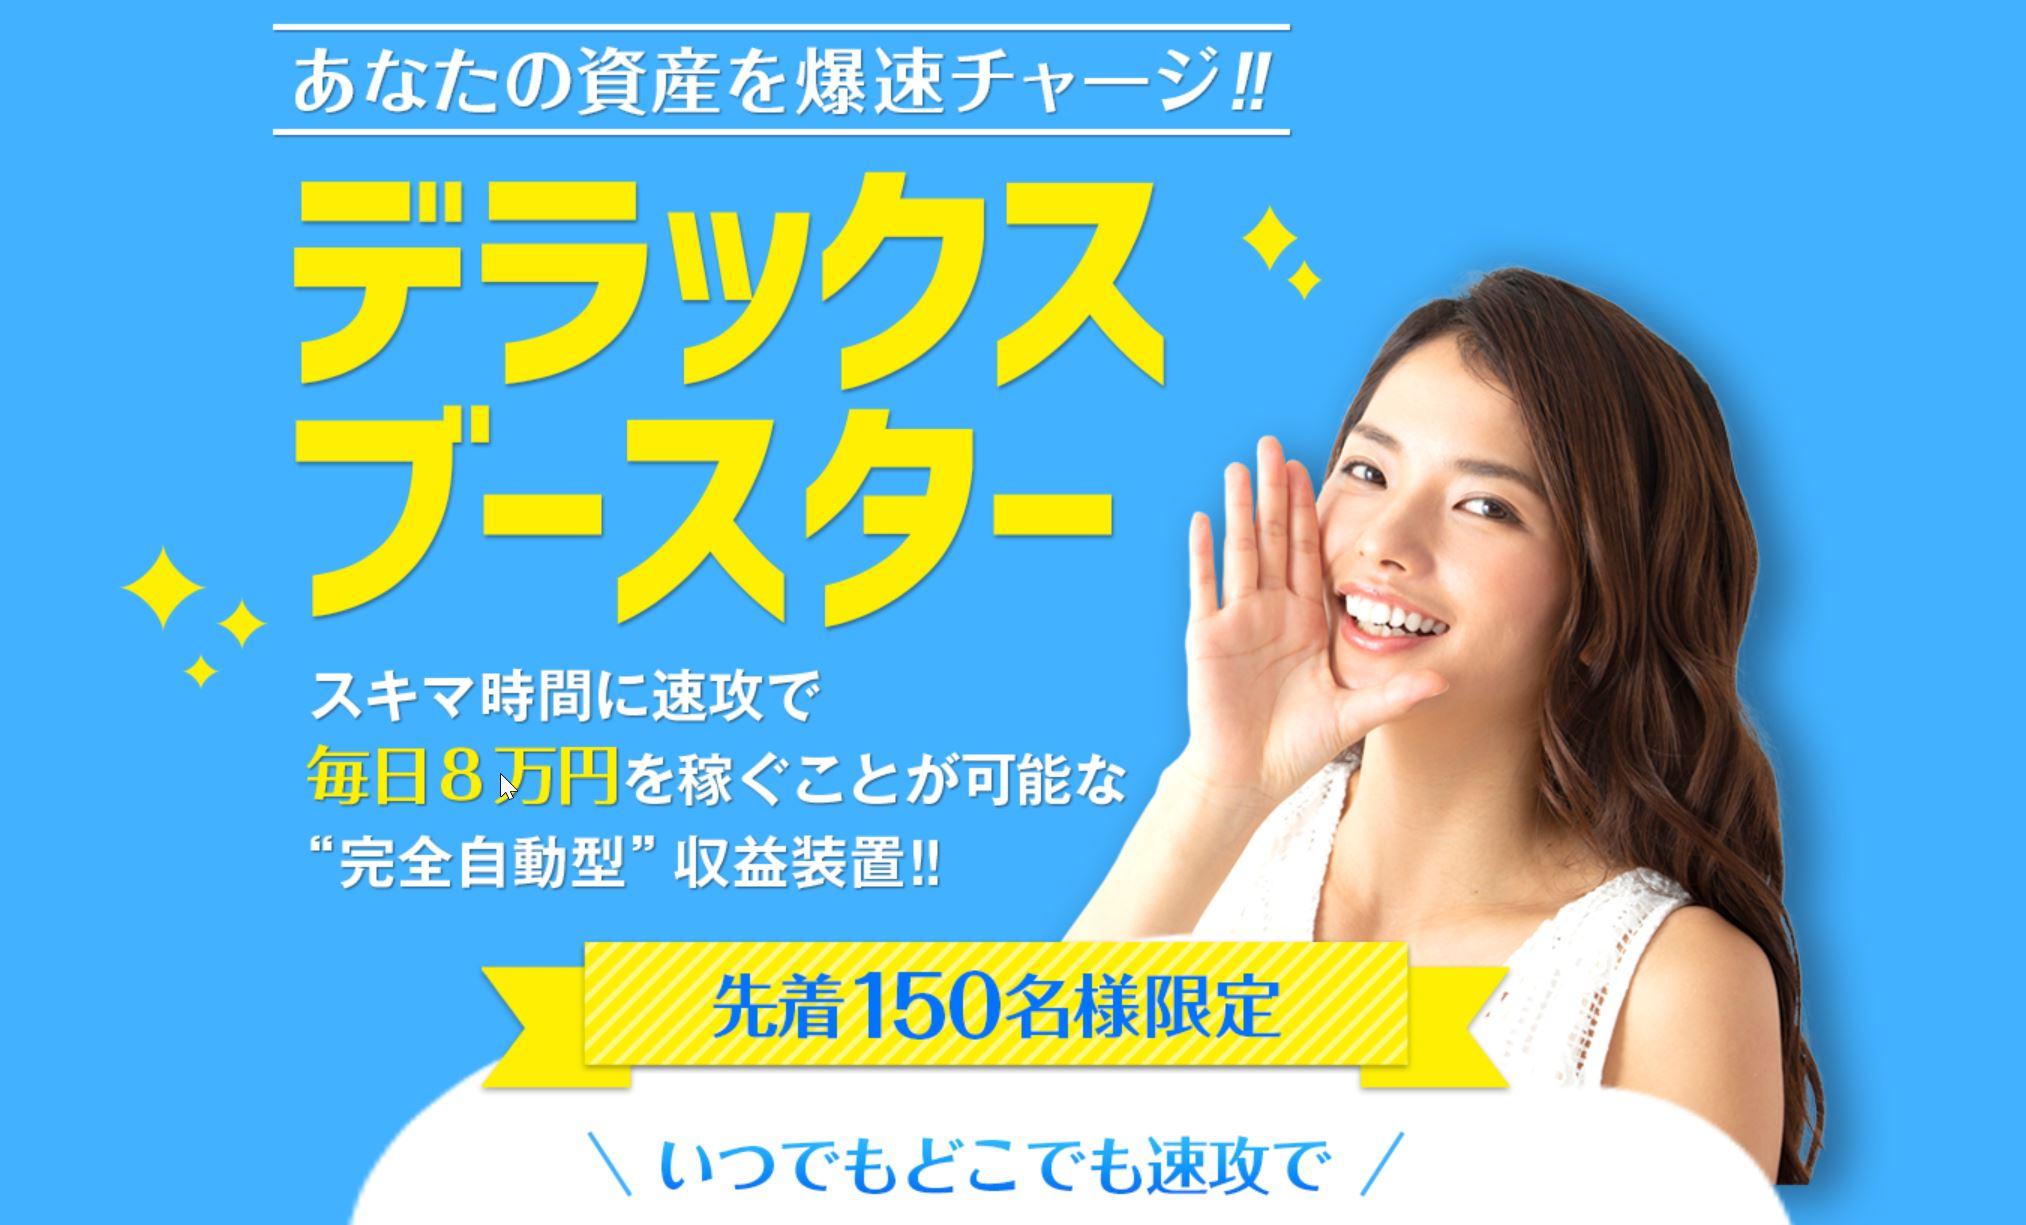 鈴木美月 デラックスブースターで毎日8万円稼げる?不可能?副業調査